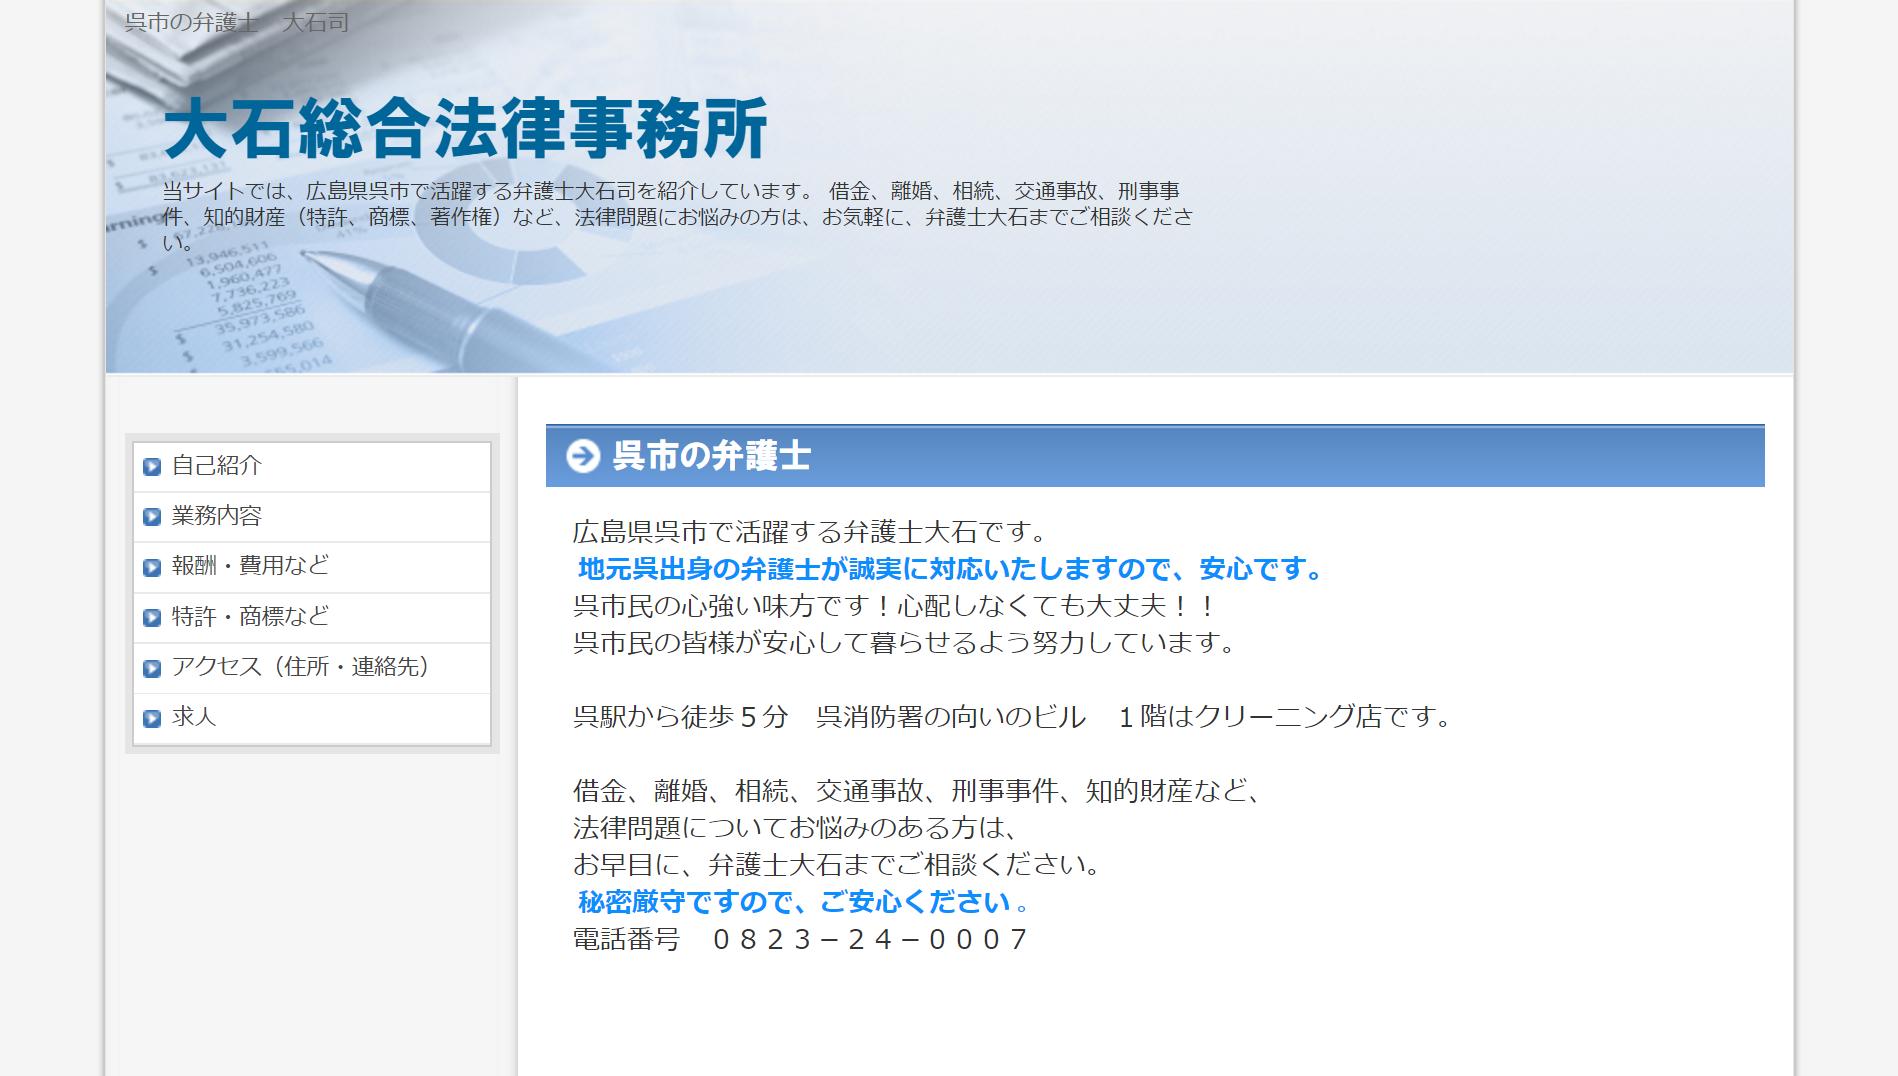 大石総合法律事務所(広島県呉市中央)